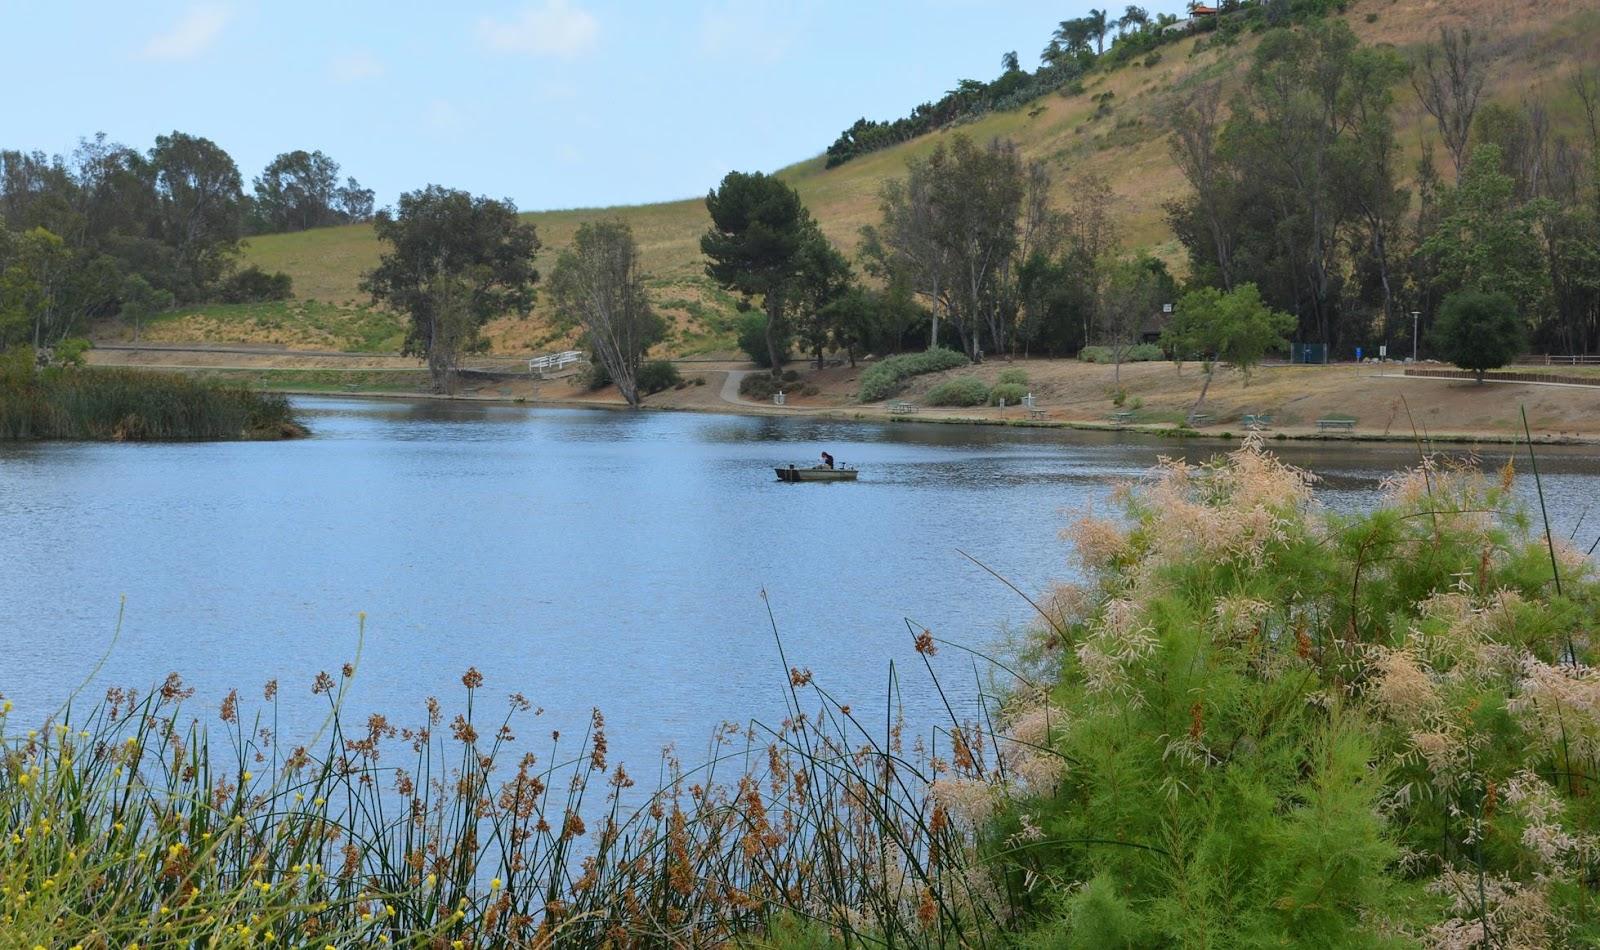 laguna niguel lake fishing feeling